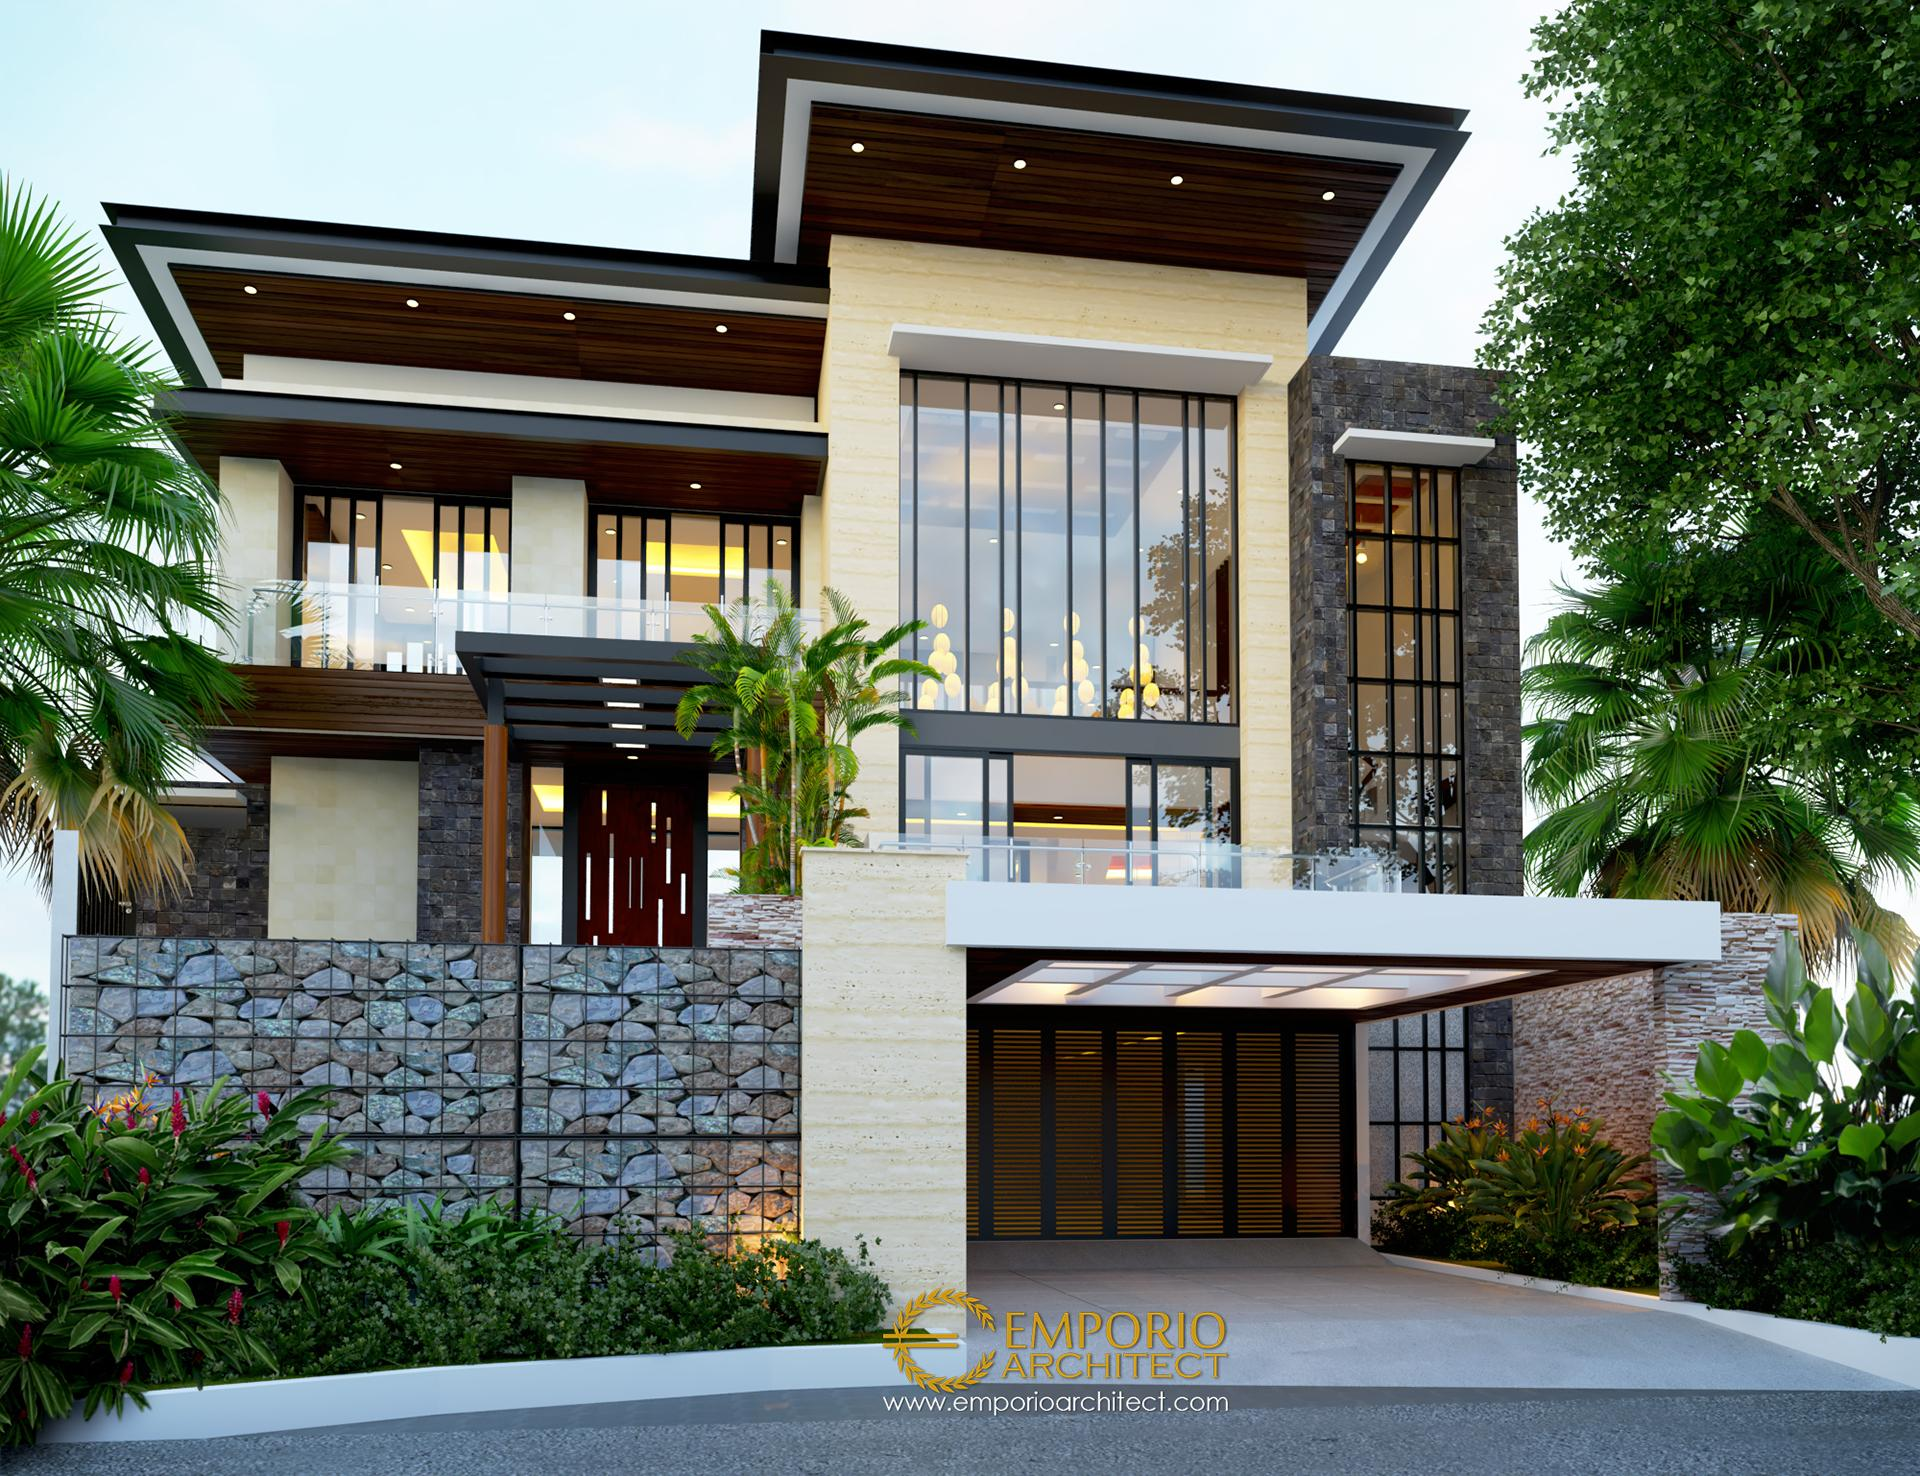 Desain Rumah Modern 2 Lantai Bapak Ale di  Tangerang, Banten